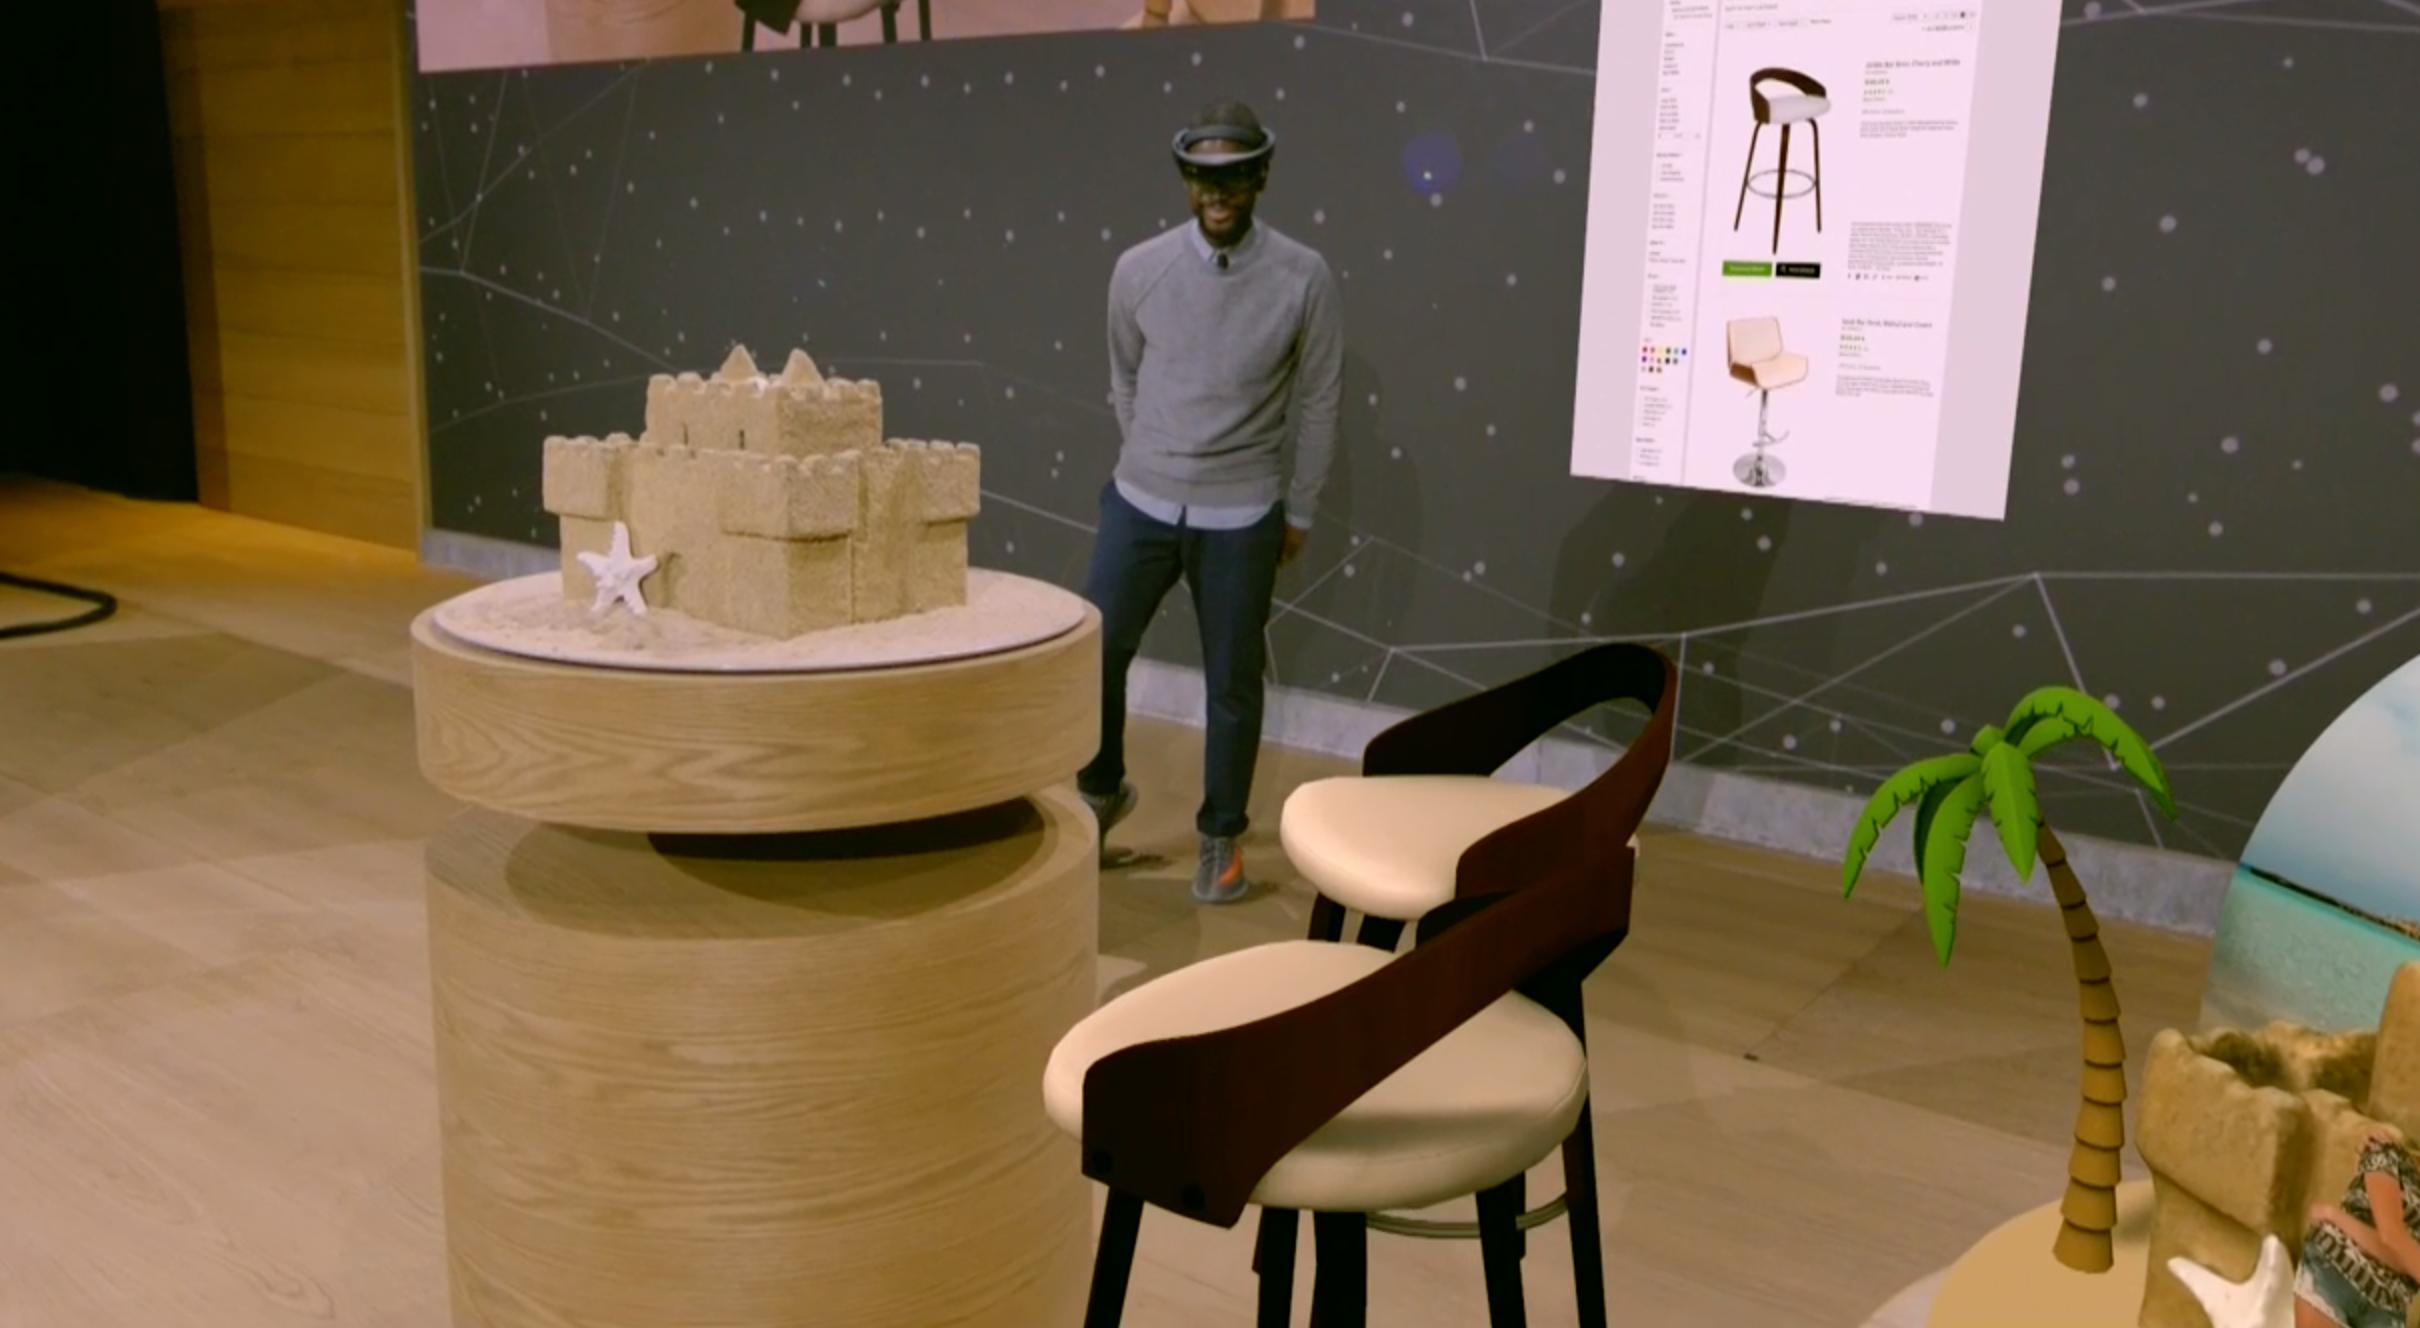 Online-shopping kan være ganske kult med Hololens, ettersom man kan få en forhåndsvisning av produktet direkte i stua.